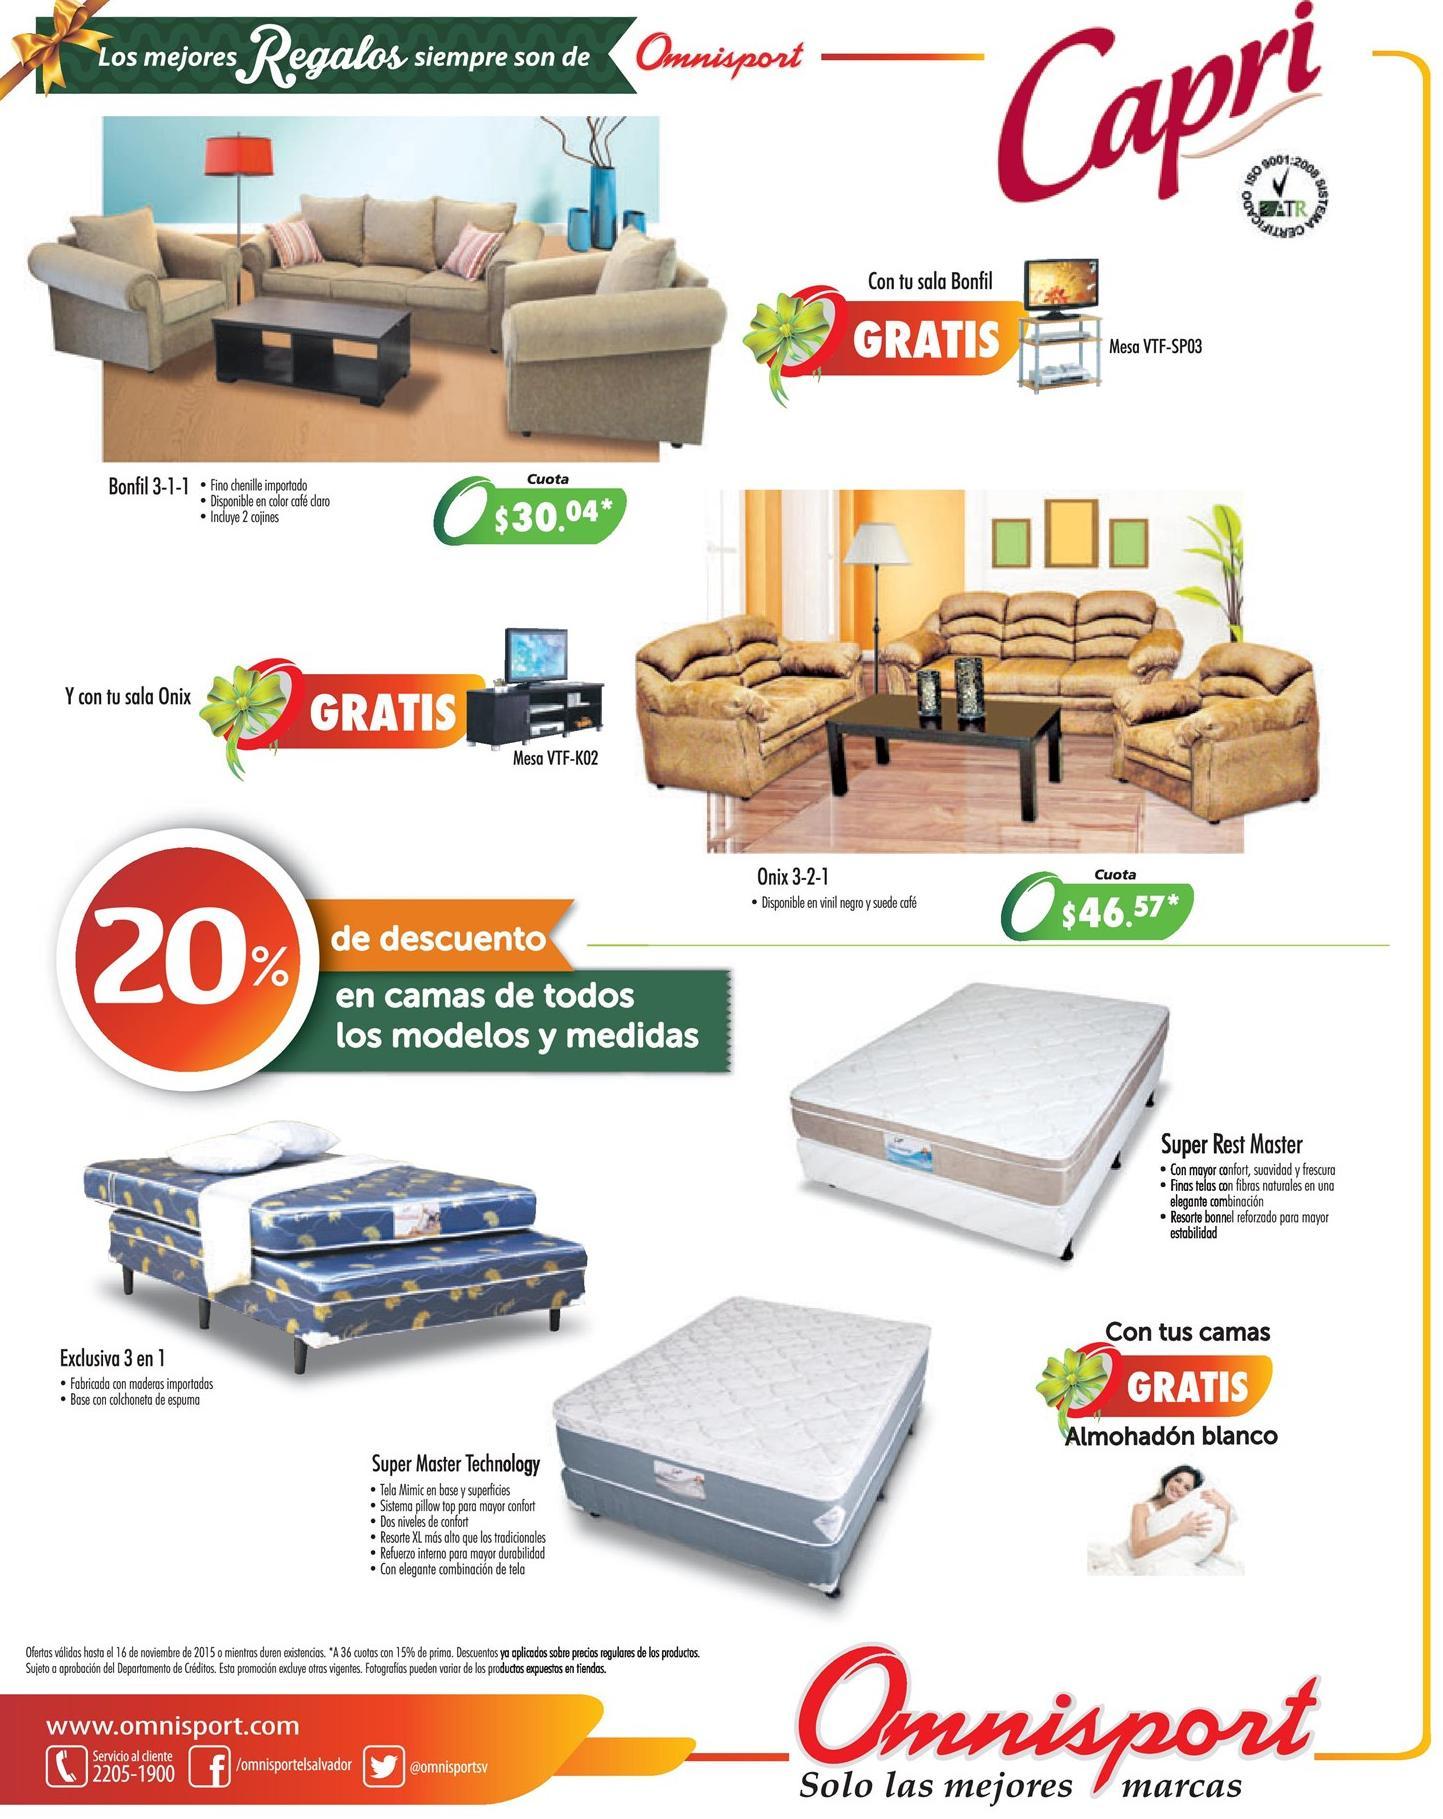 Descuentos Muebles. Great Rebajas Y Descuentos En Flexa Muebles With ...